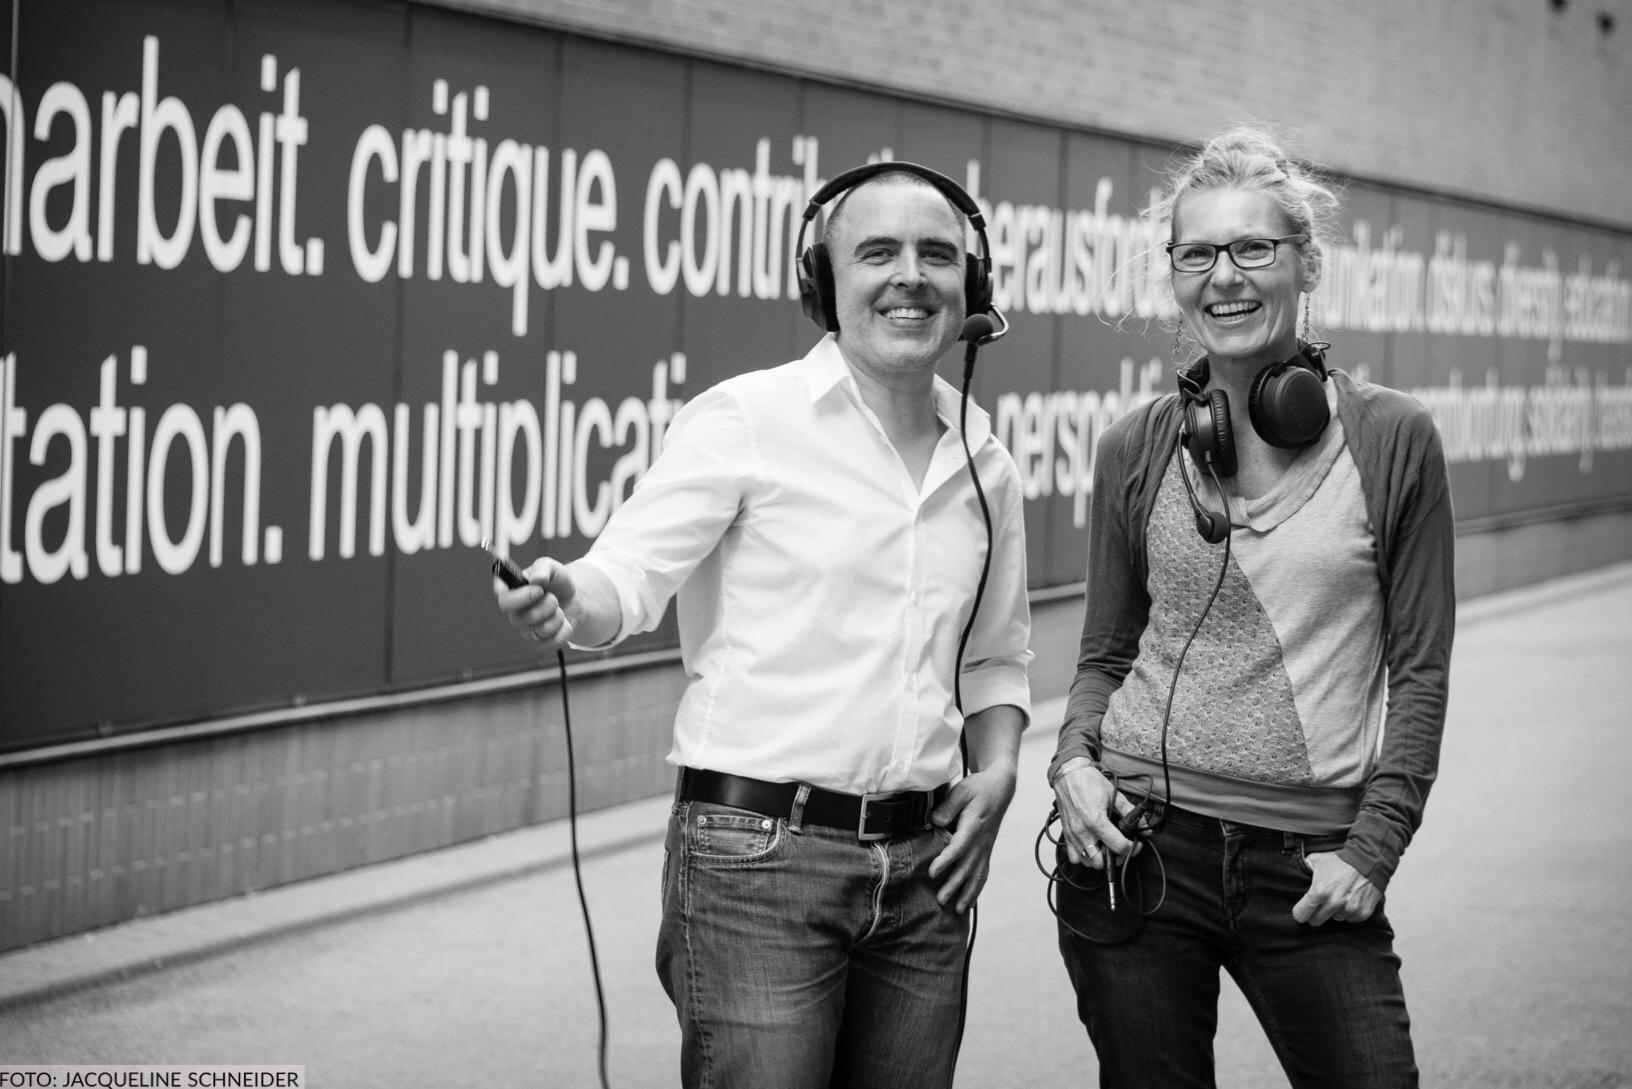 Sinn.fm-Der Podcast der beruflichen Lebensgeschichten mit Gabi Schuster_Klackl und Gregor Schneider